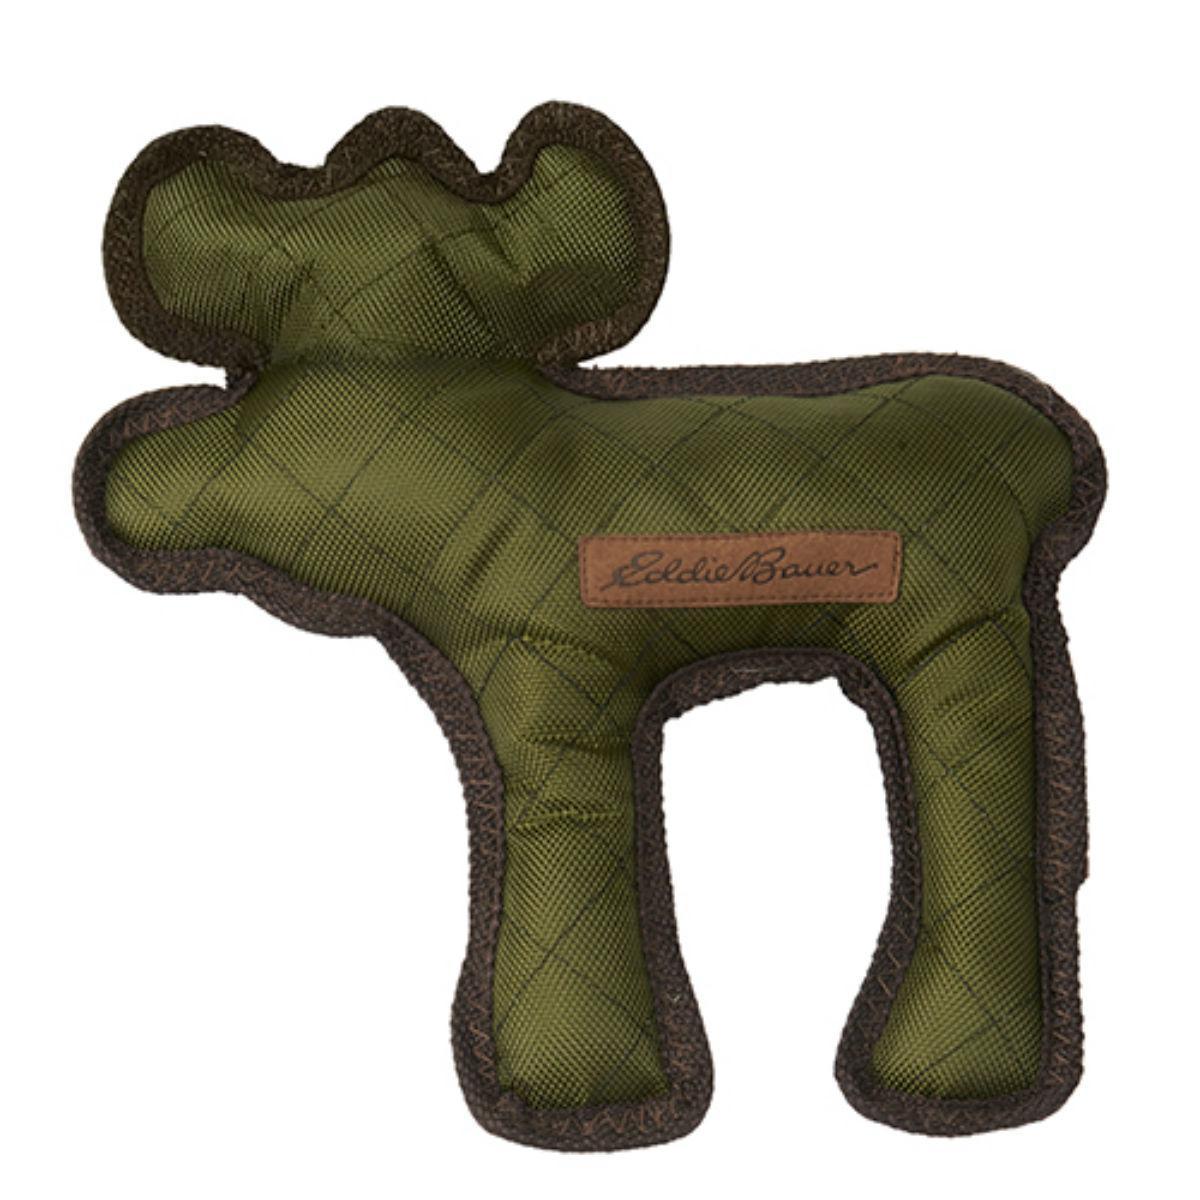 Eddie Bauer Moose Dog Toy - Sprig Green